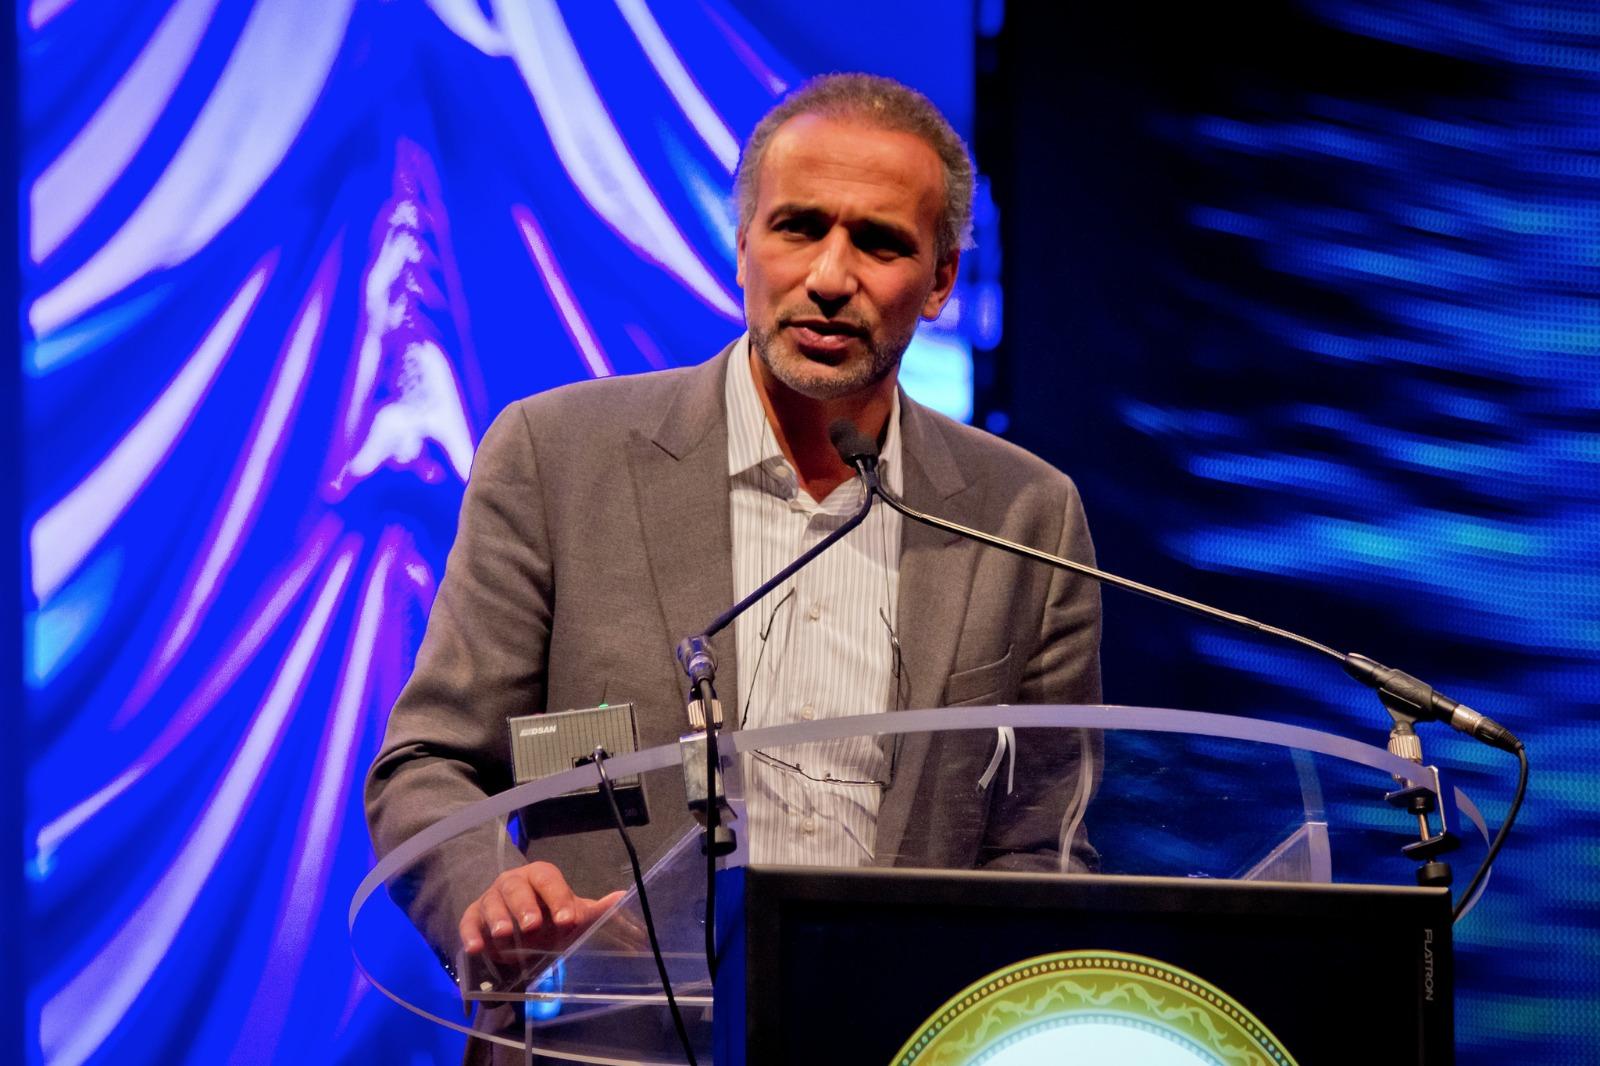 Tariq Ramadan, placé en détention provisoire, a été hospitalisé